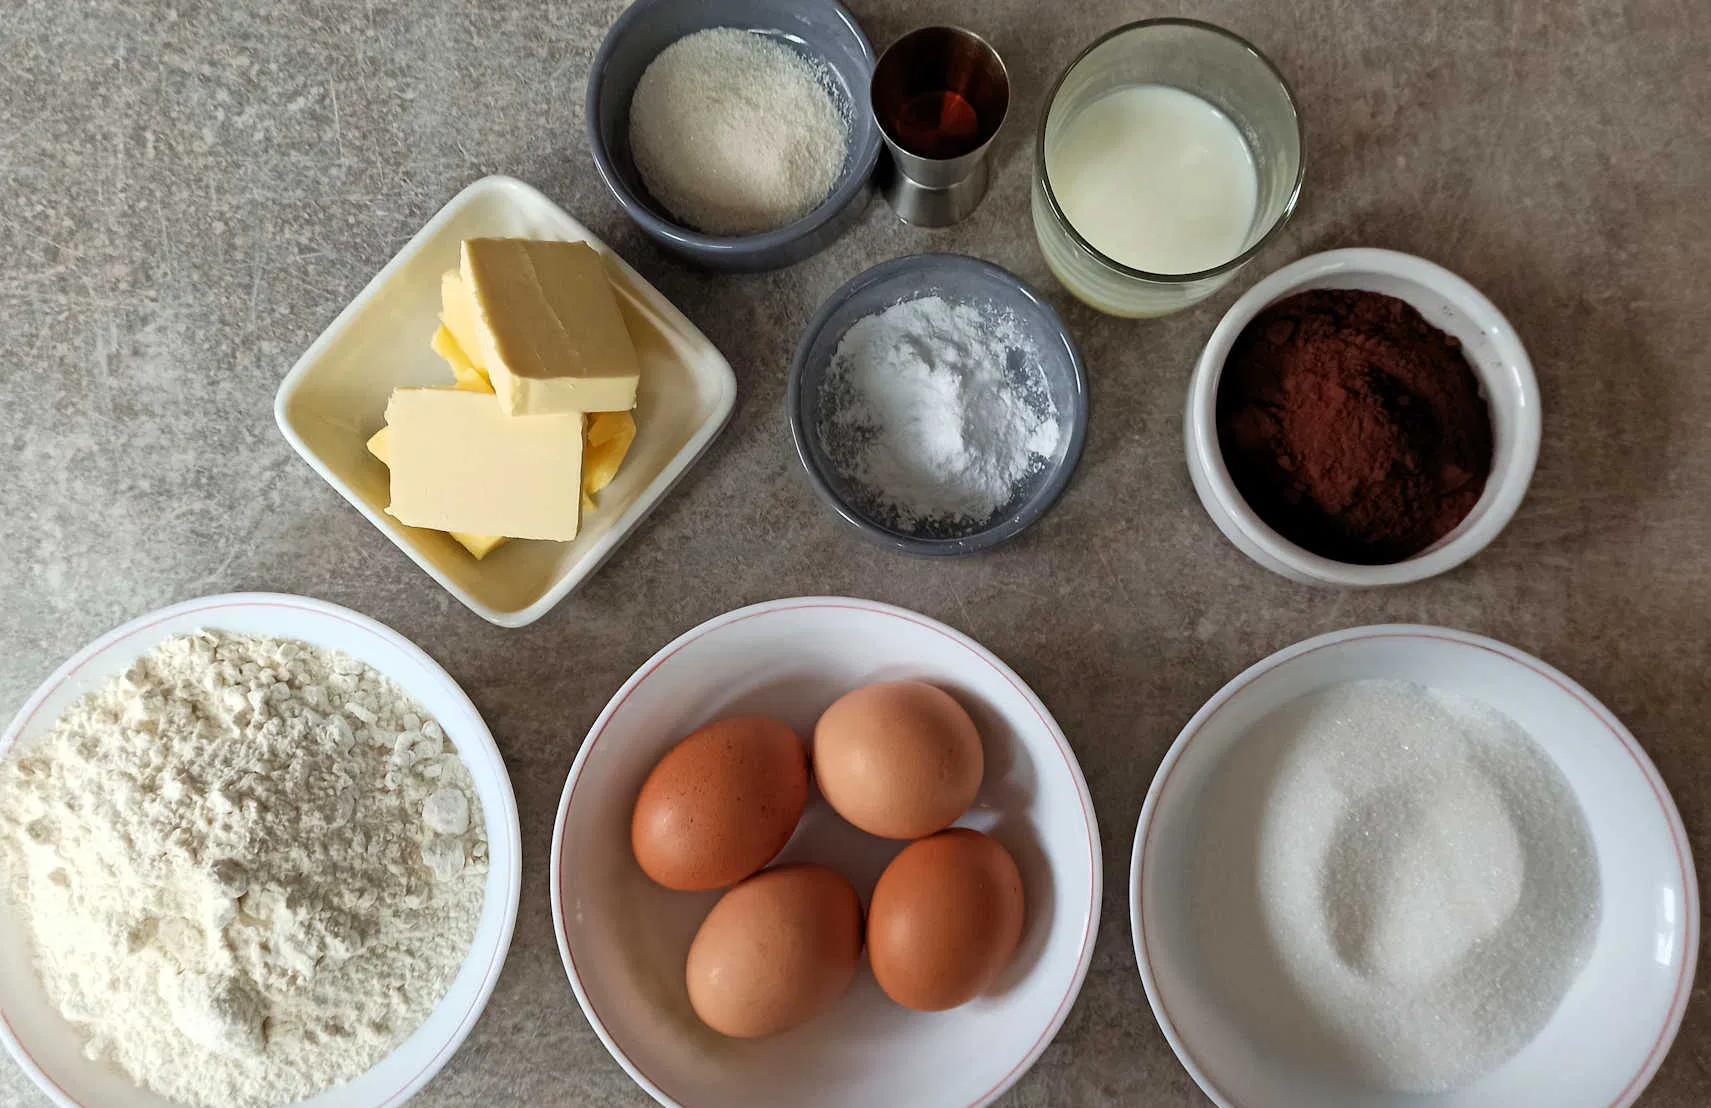 Фото ingredienty dlya torta 1.